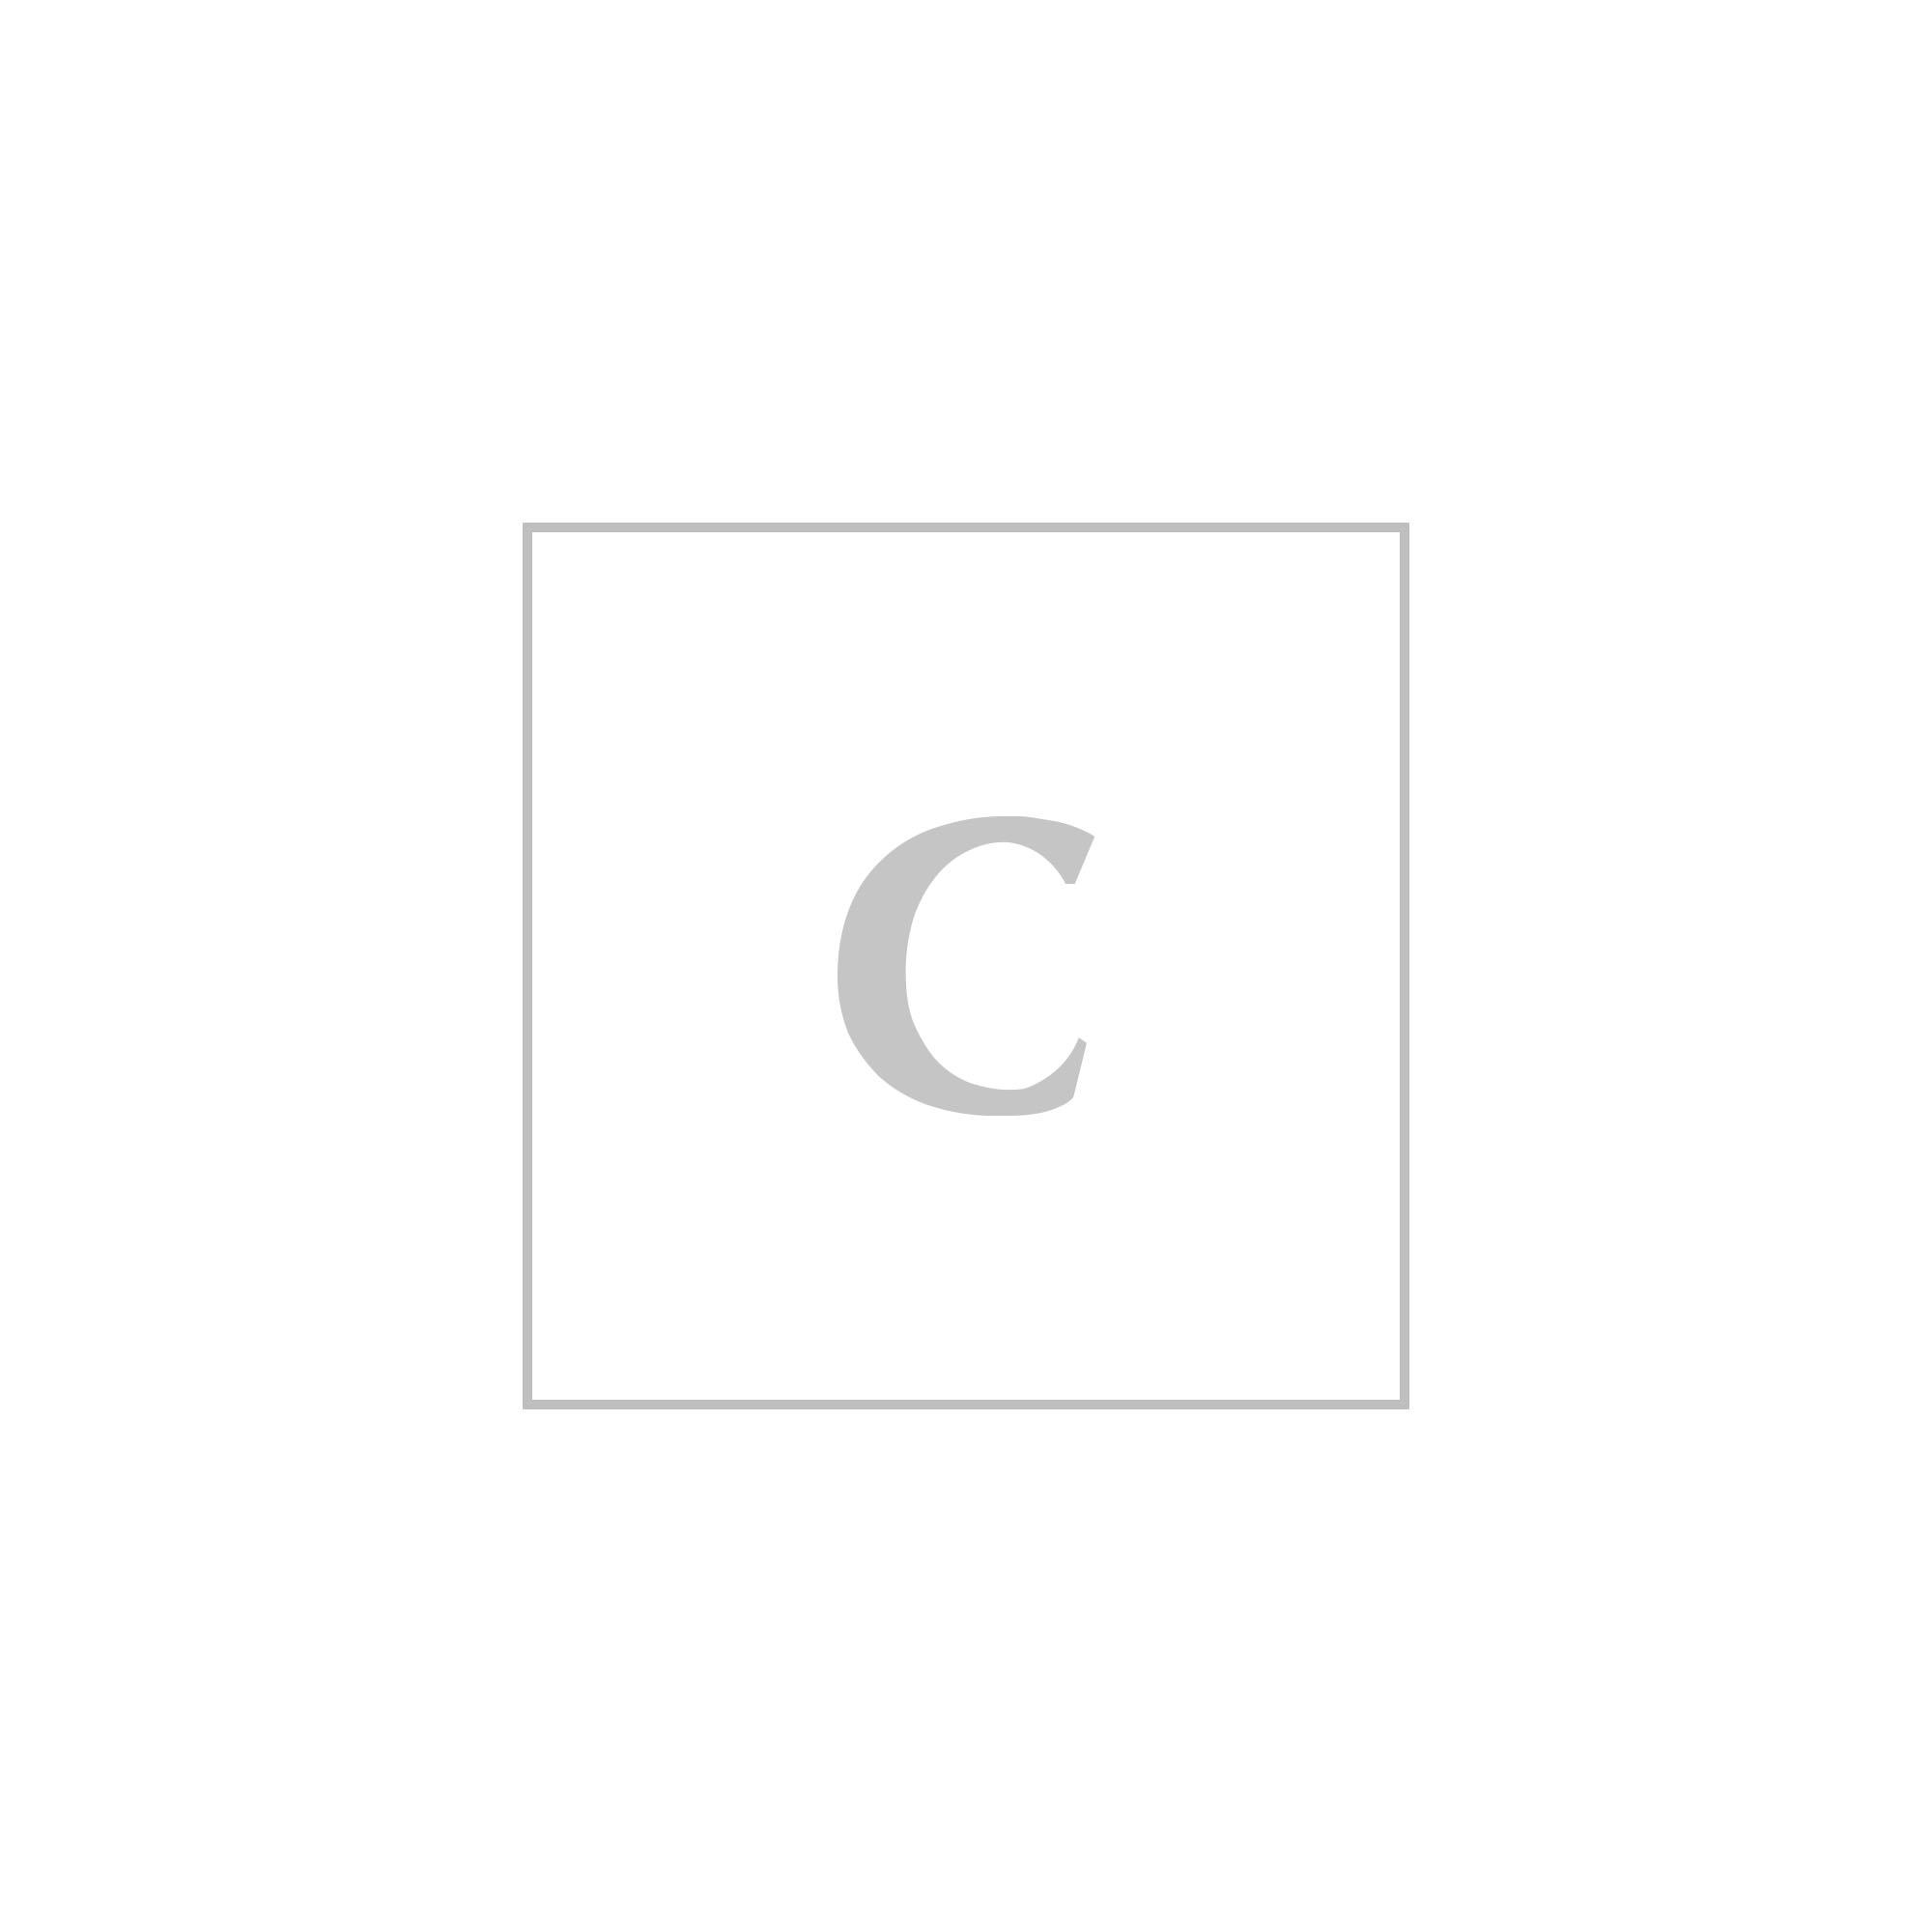 Versace borsa top handle nappa ricamo vanitas